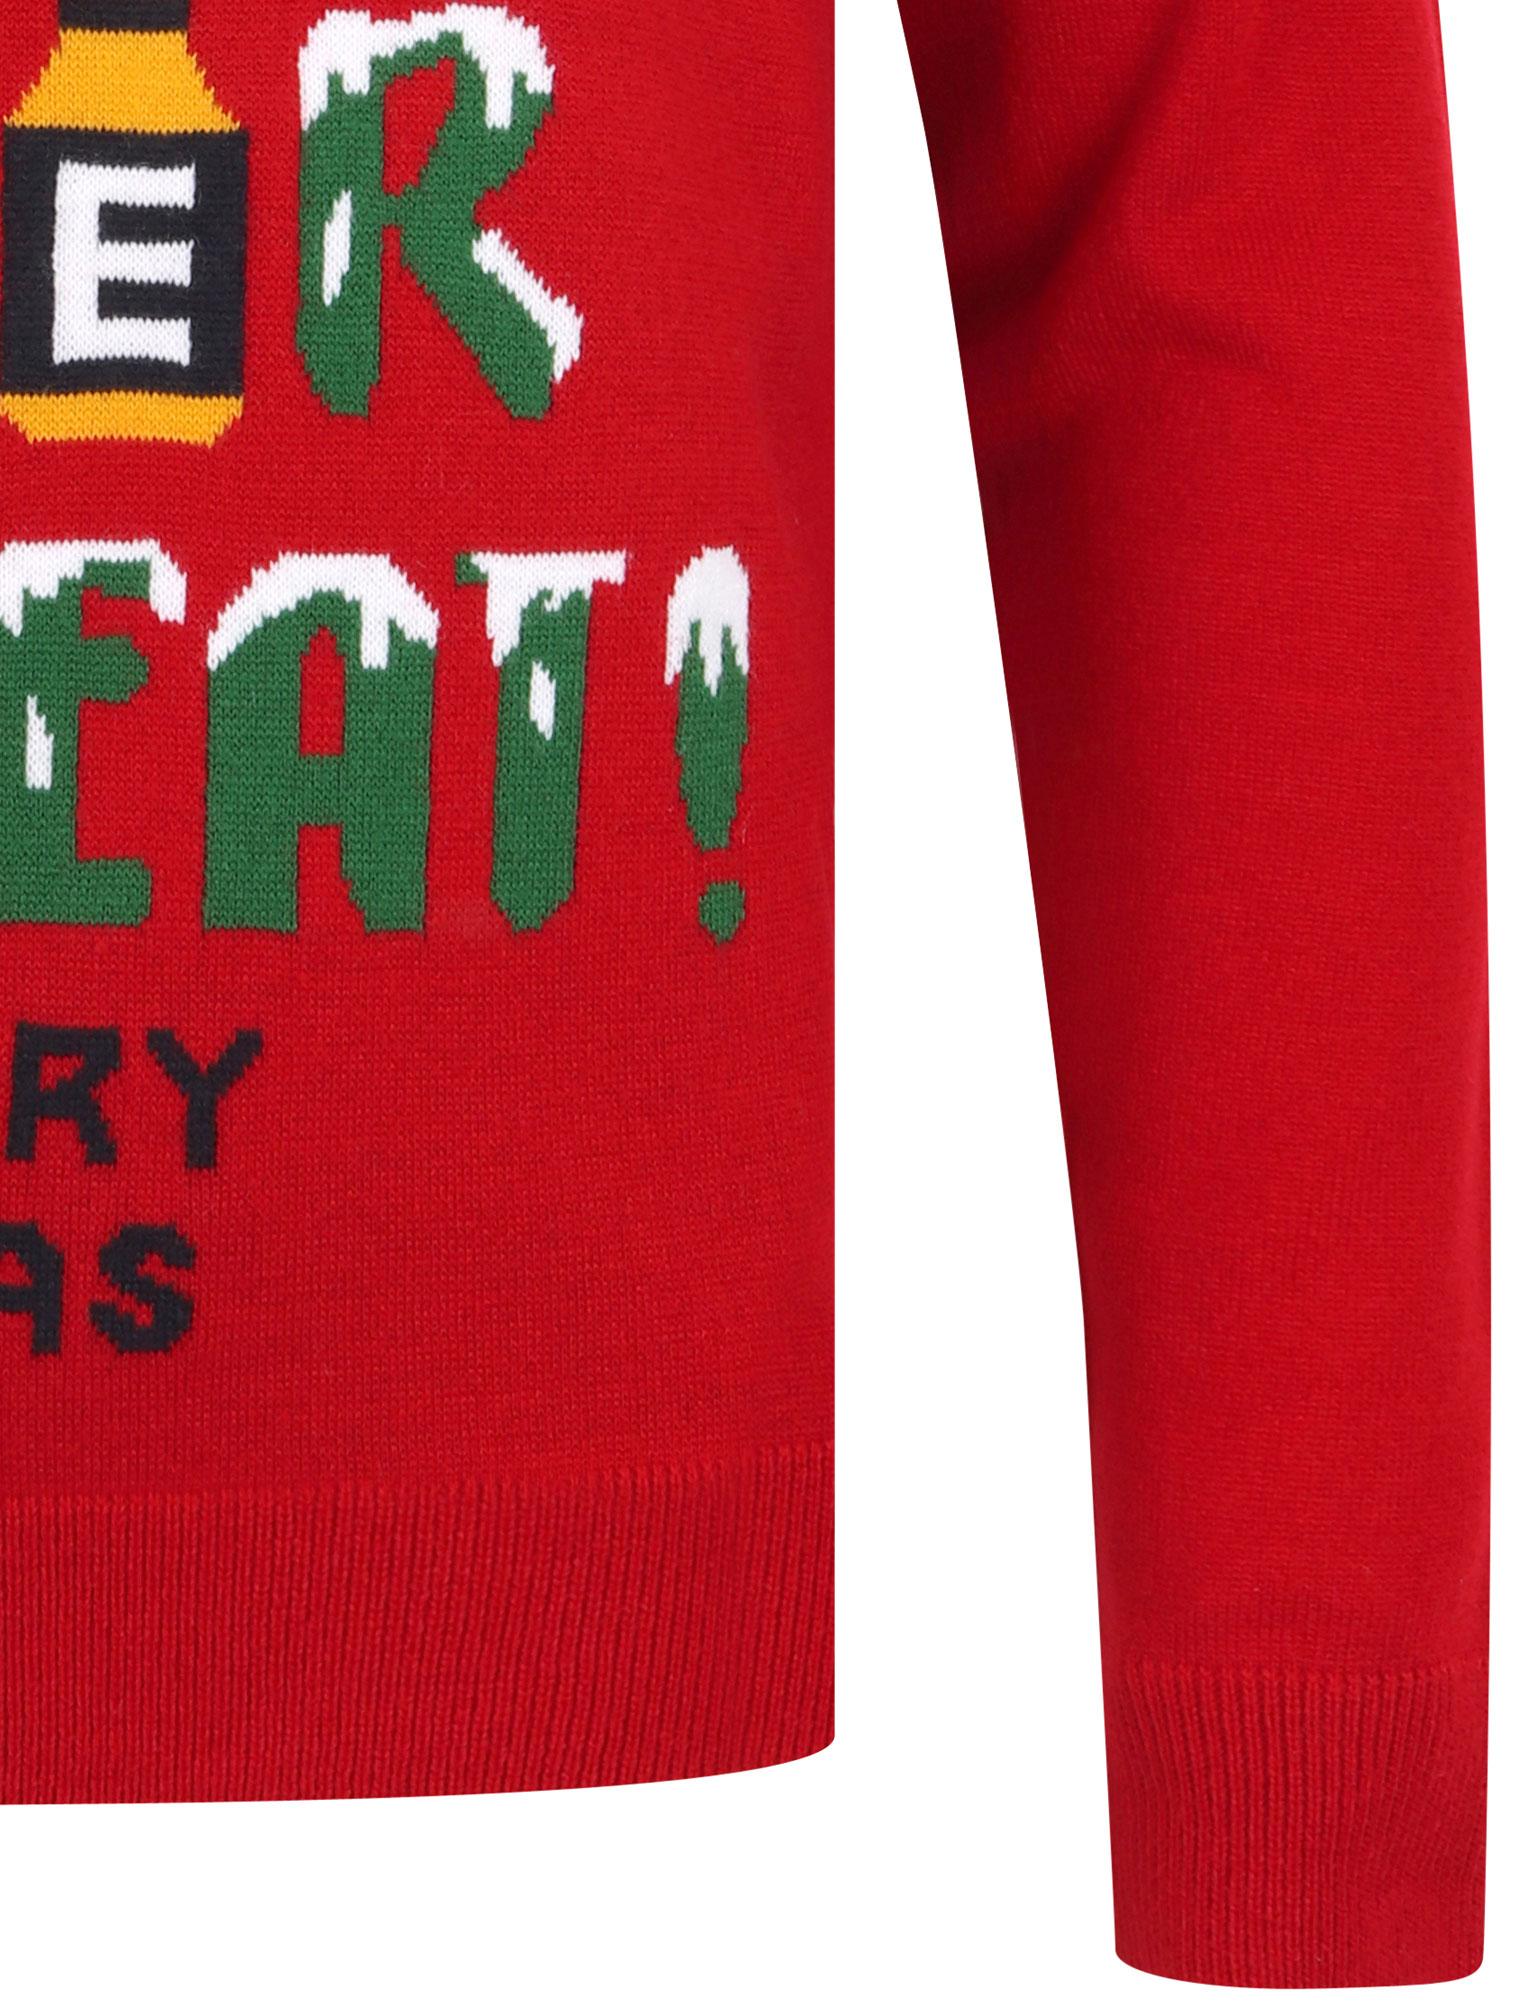 Feliz-Navidad-Para-Hombre-Novedad-Navidad-Sueter-Santa-Elfo-Reno-divertido-Cerveza miniatura 35